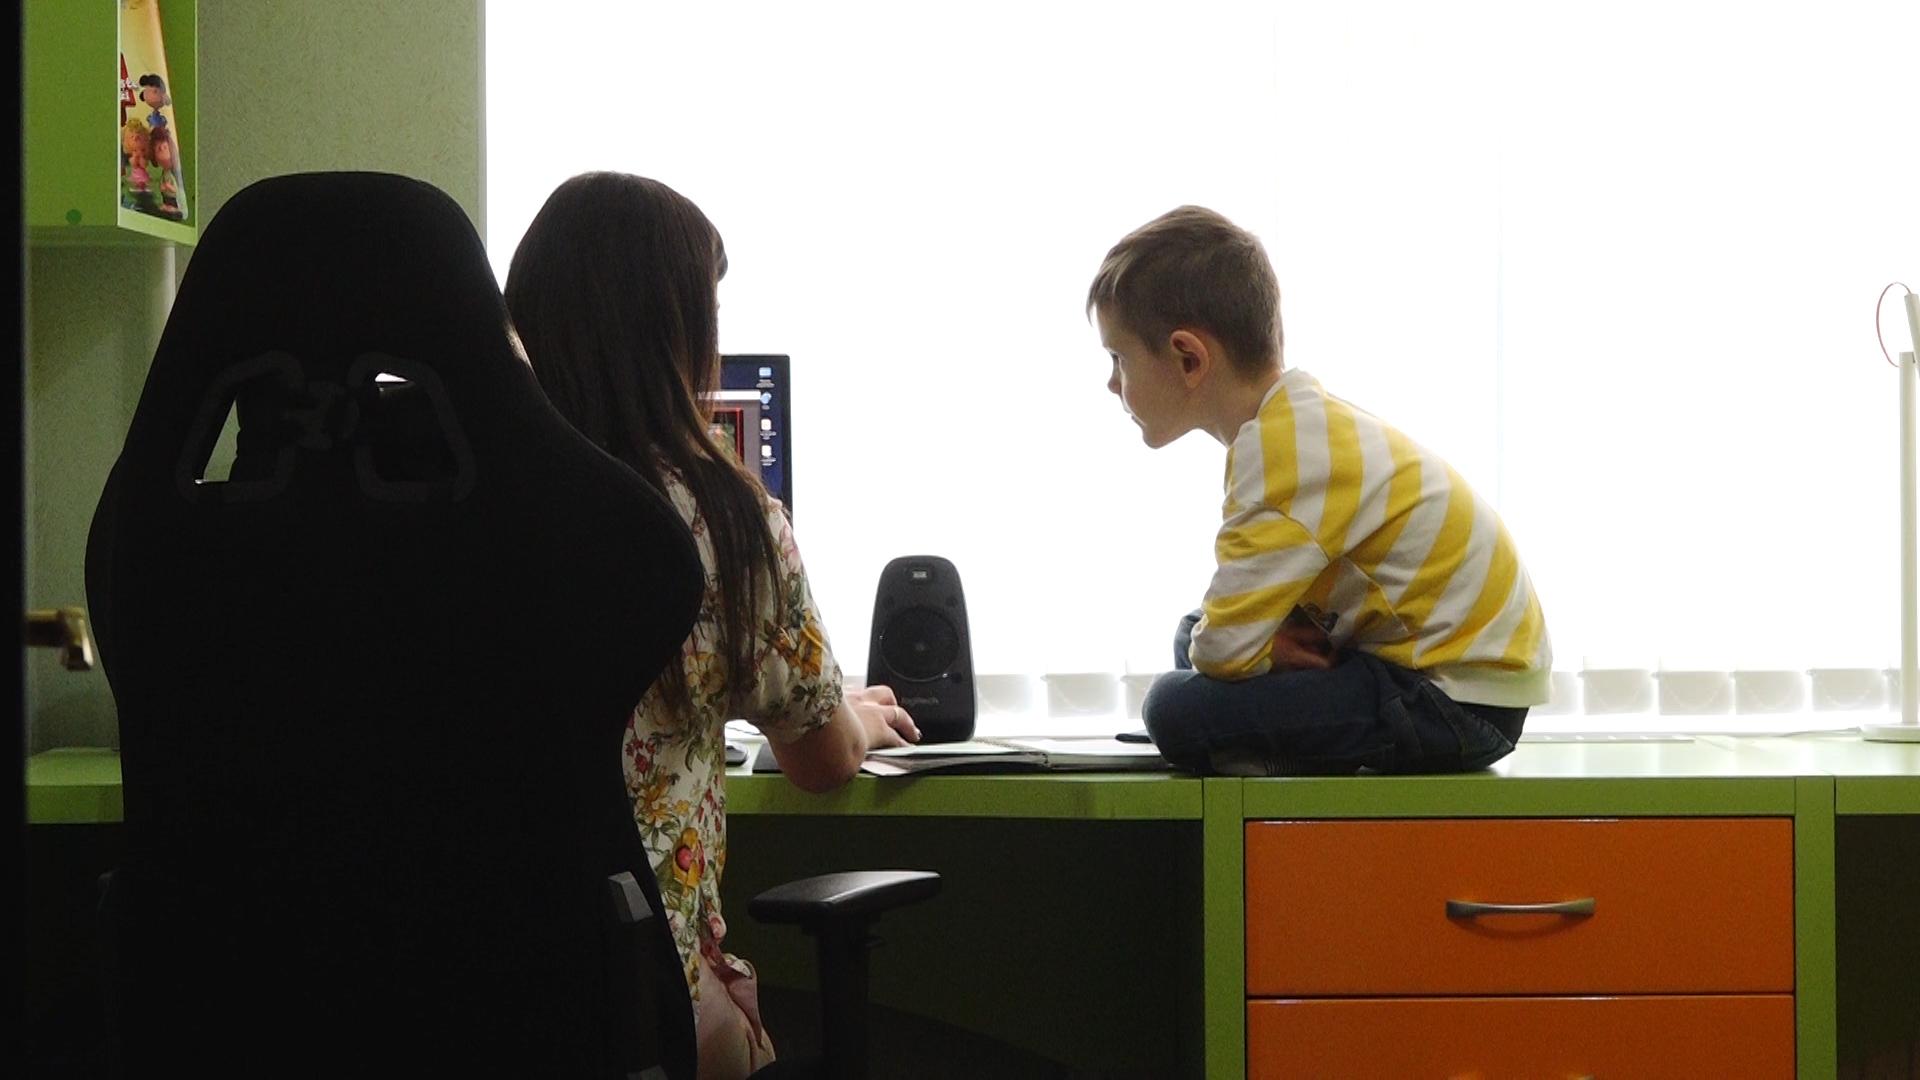 ВИДЕО | Преподователь младших классов: « Очень важно, чтоб дети чувствовали себя хорошо дома, и чтобы дистанционное обучение не было обузой»